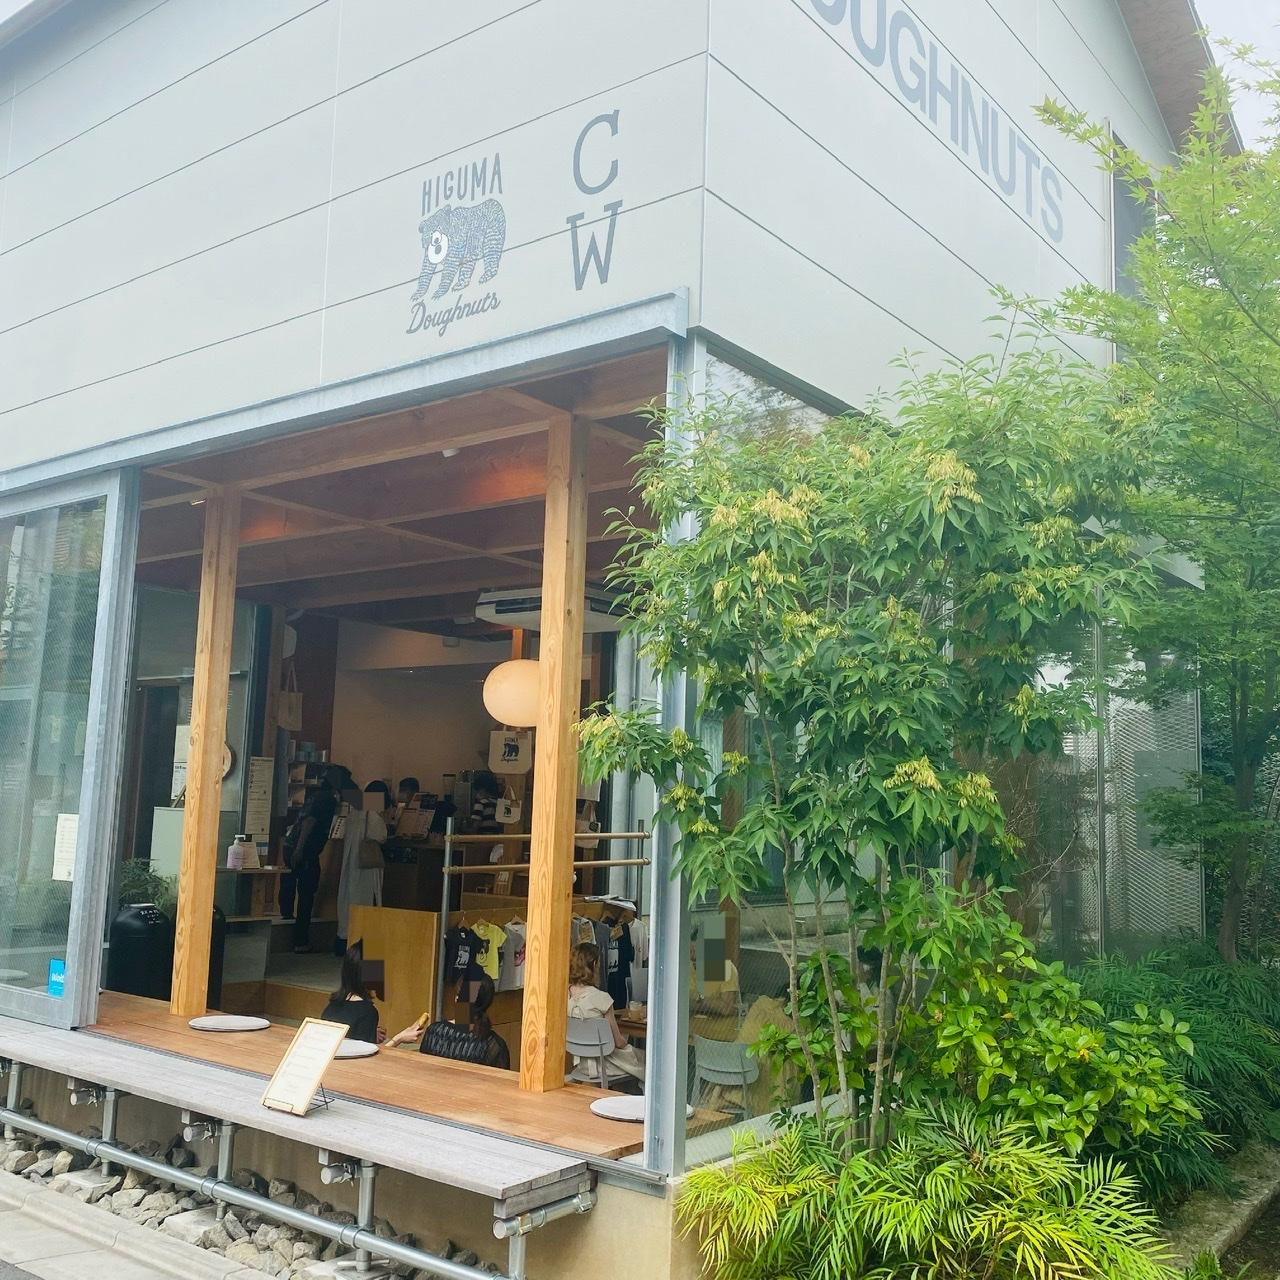 【表参道カフェ】ドーナツのふわふわ感がすごい!木の空間がお洒落《ヒグマドーナツ》へ♡_5